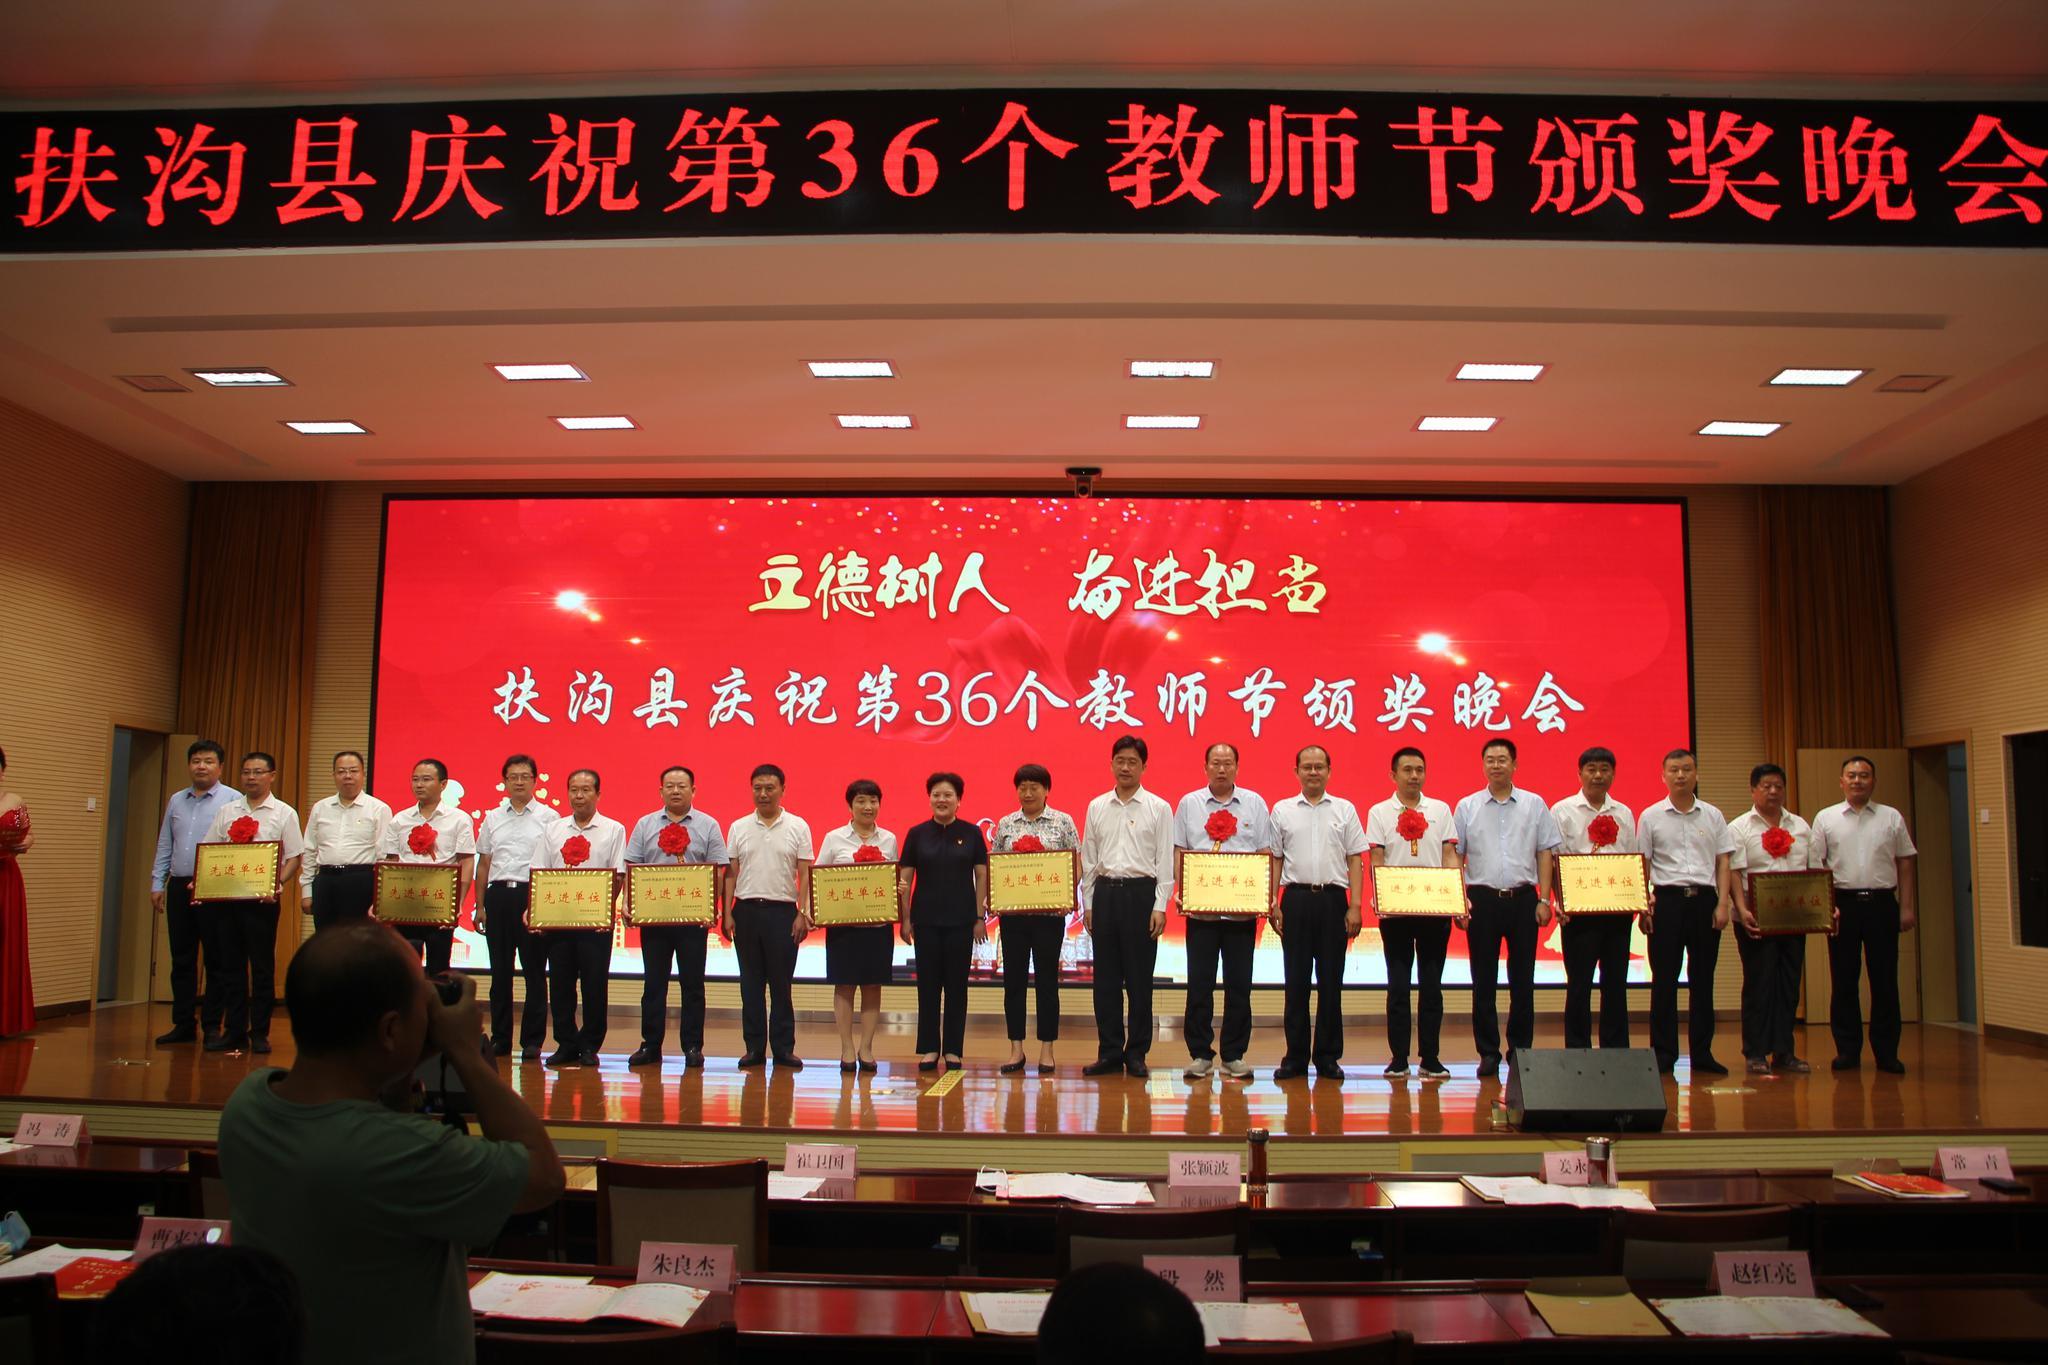 扶沟:庆祝第36个教师节的盛大颁奖晚会